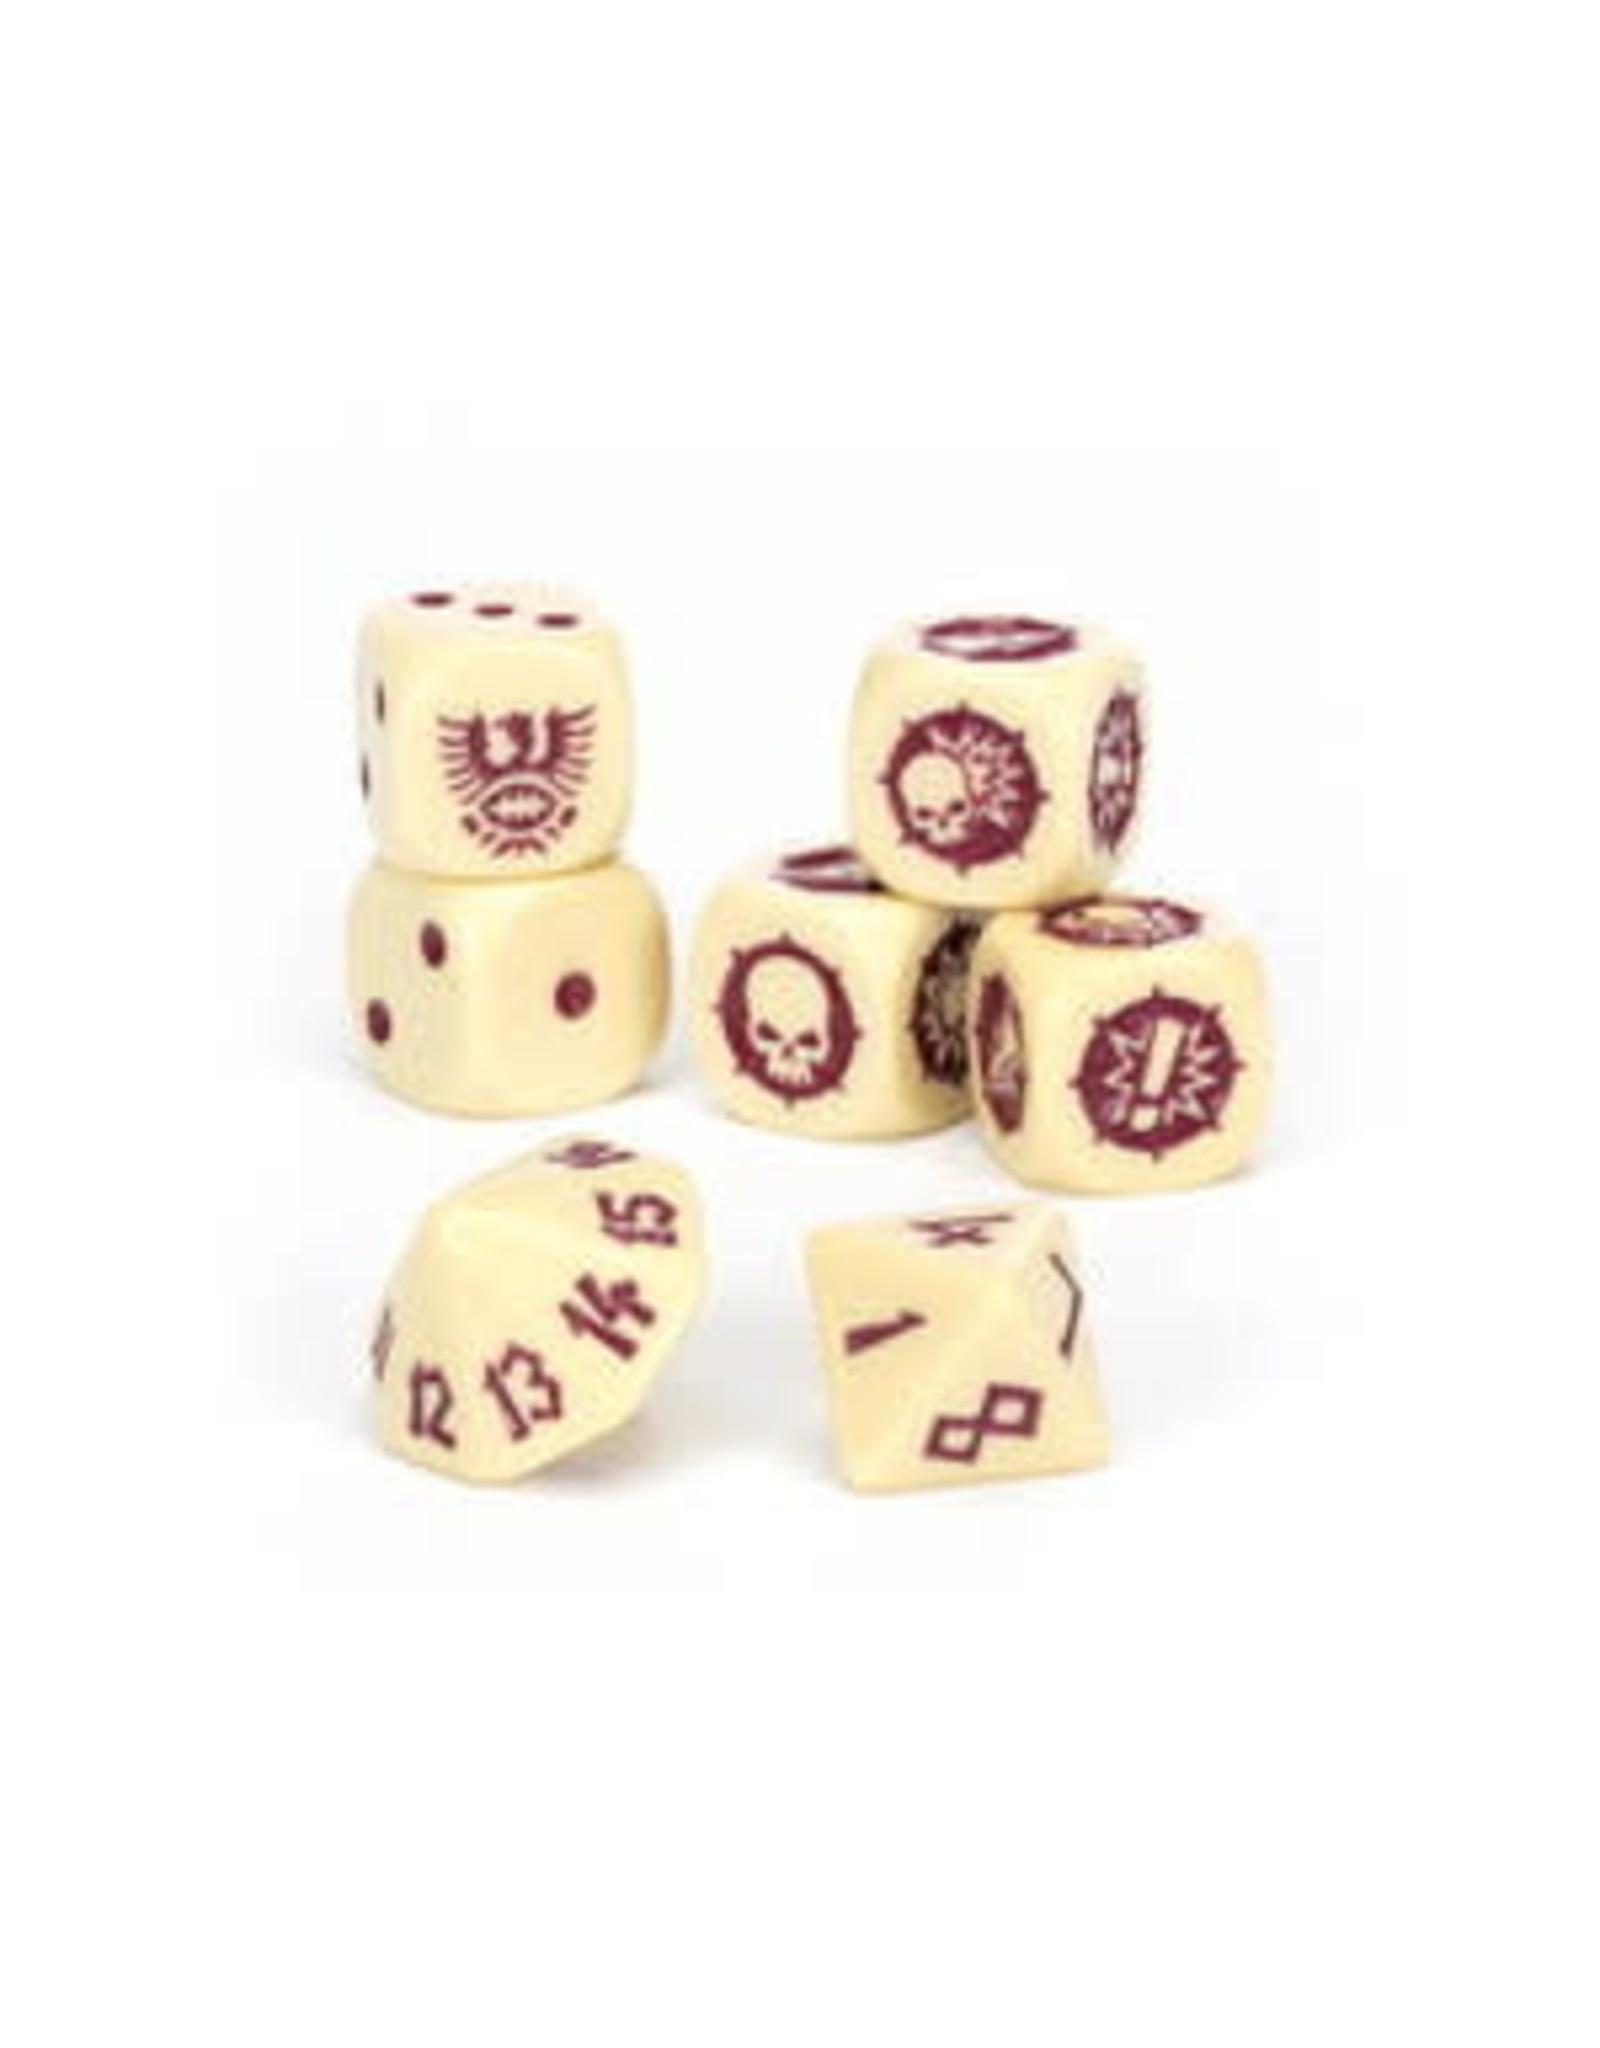 Games Workshop Blood Bowl: Imperial Nobility Team Dice Set